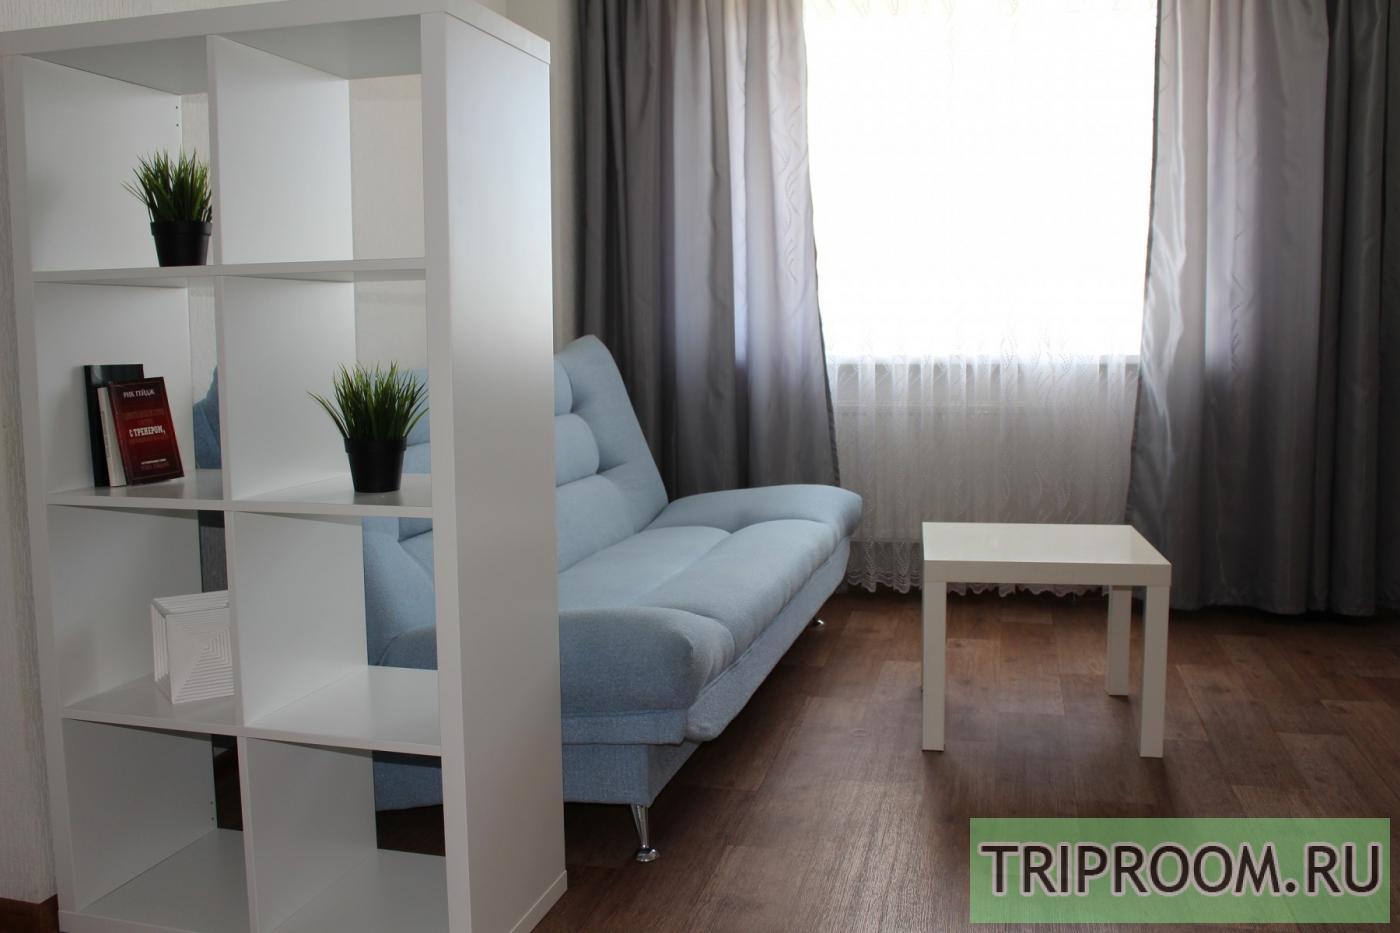 1-комнатная квартира посуточно (вариант № 32508), ул. Крахмалева улица, фото № 1